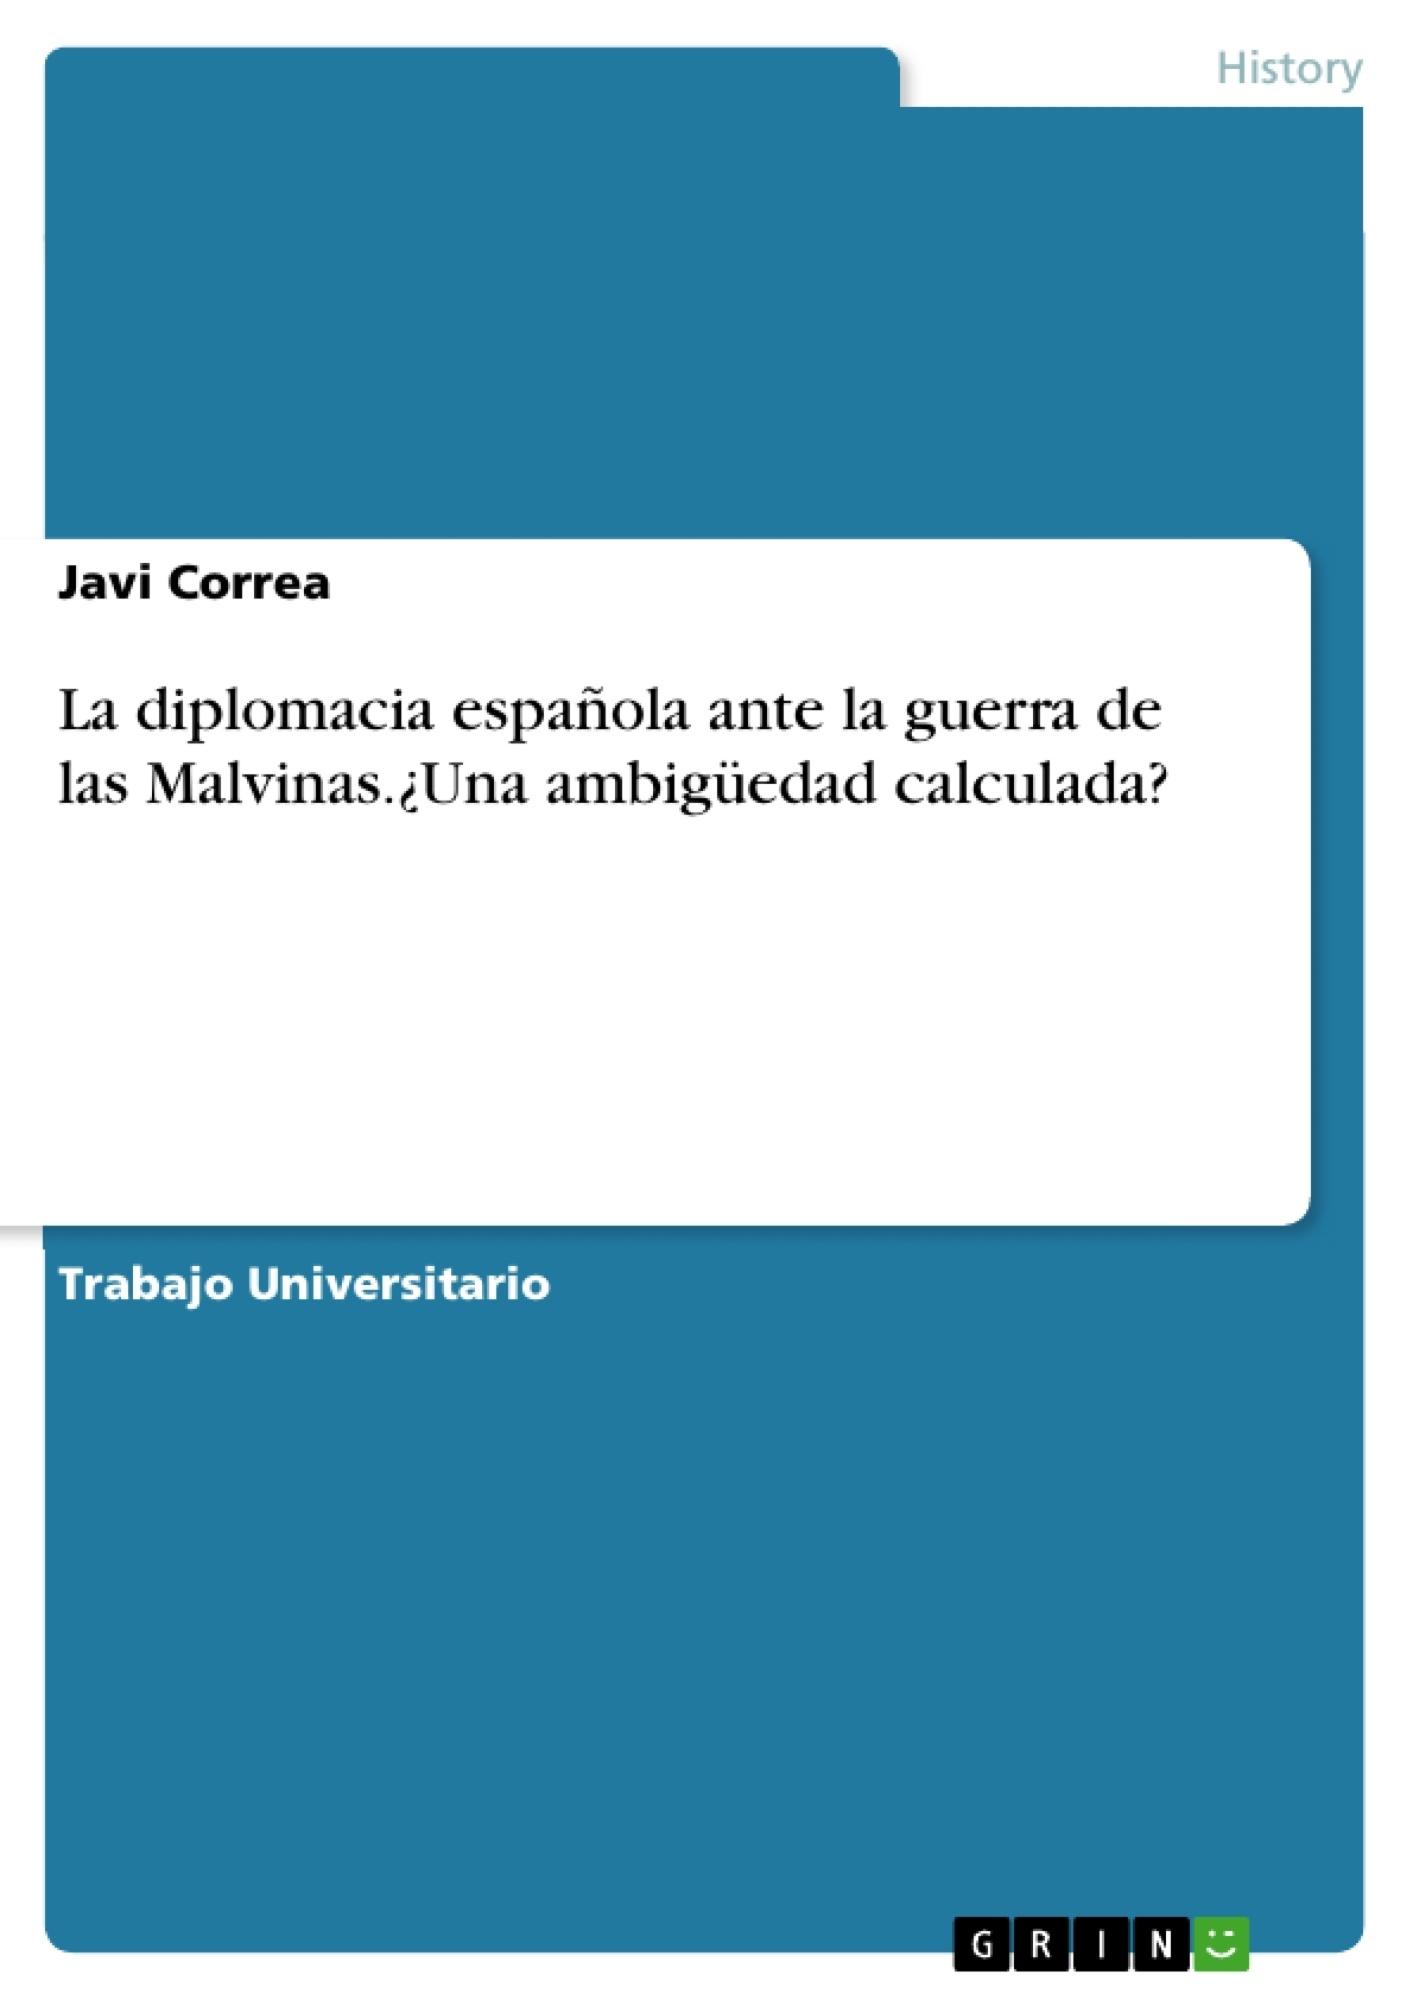 Título: La diplomacia española ante la guerra de las Malvinas.¿Una ambigüedad calculada?